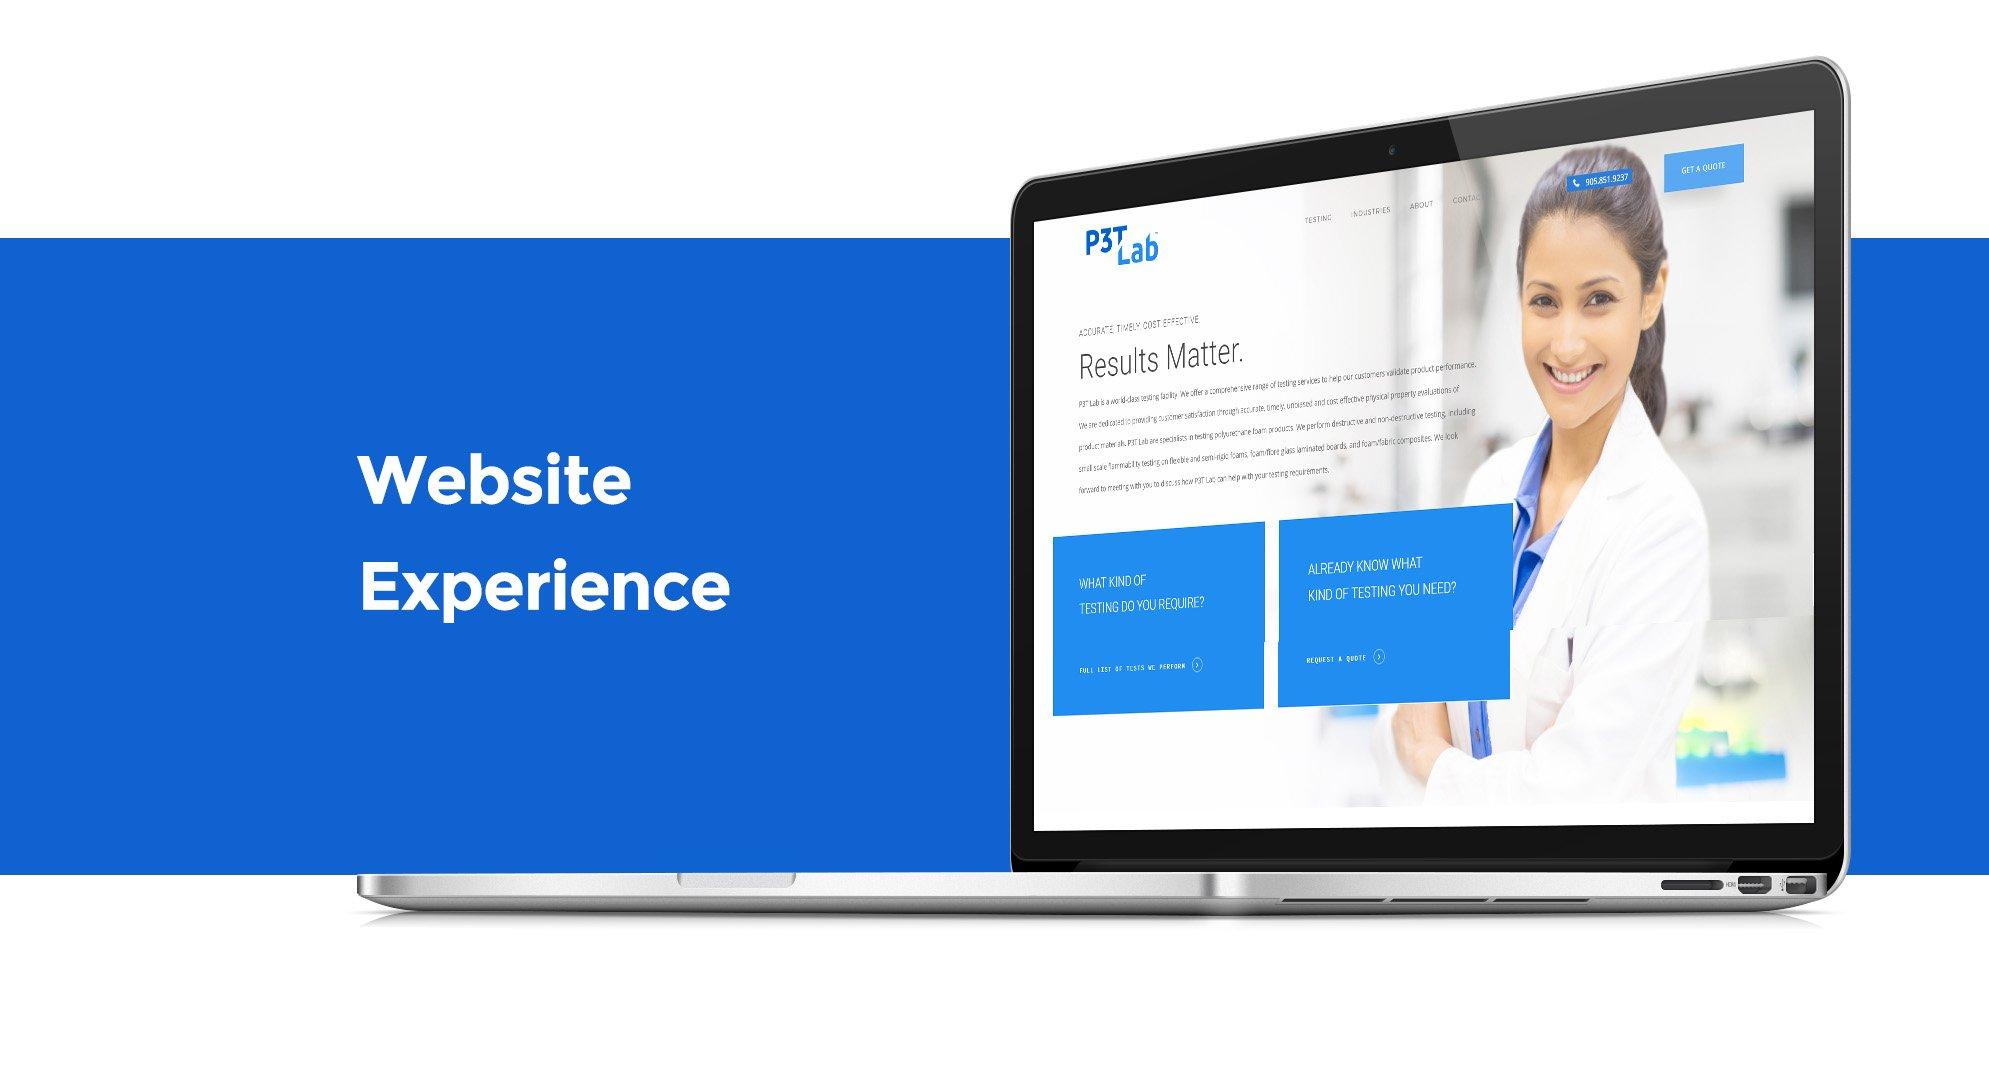 P3T Lab website